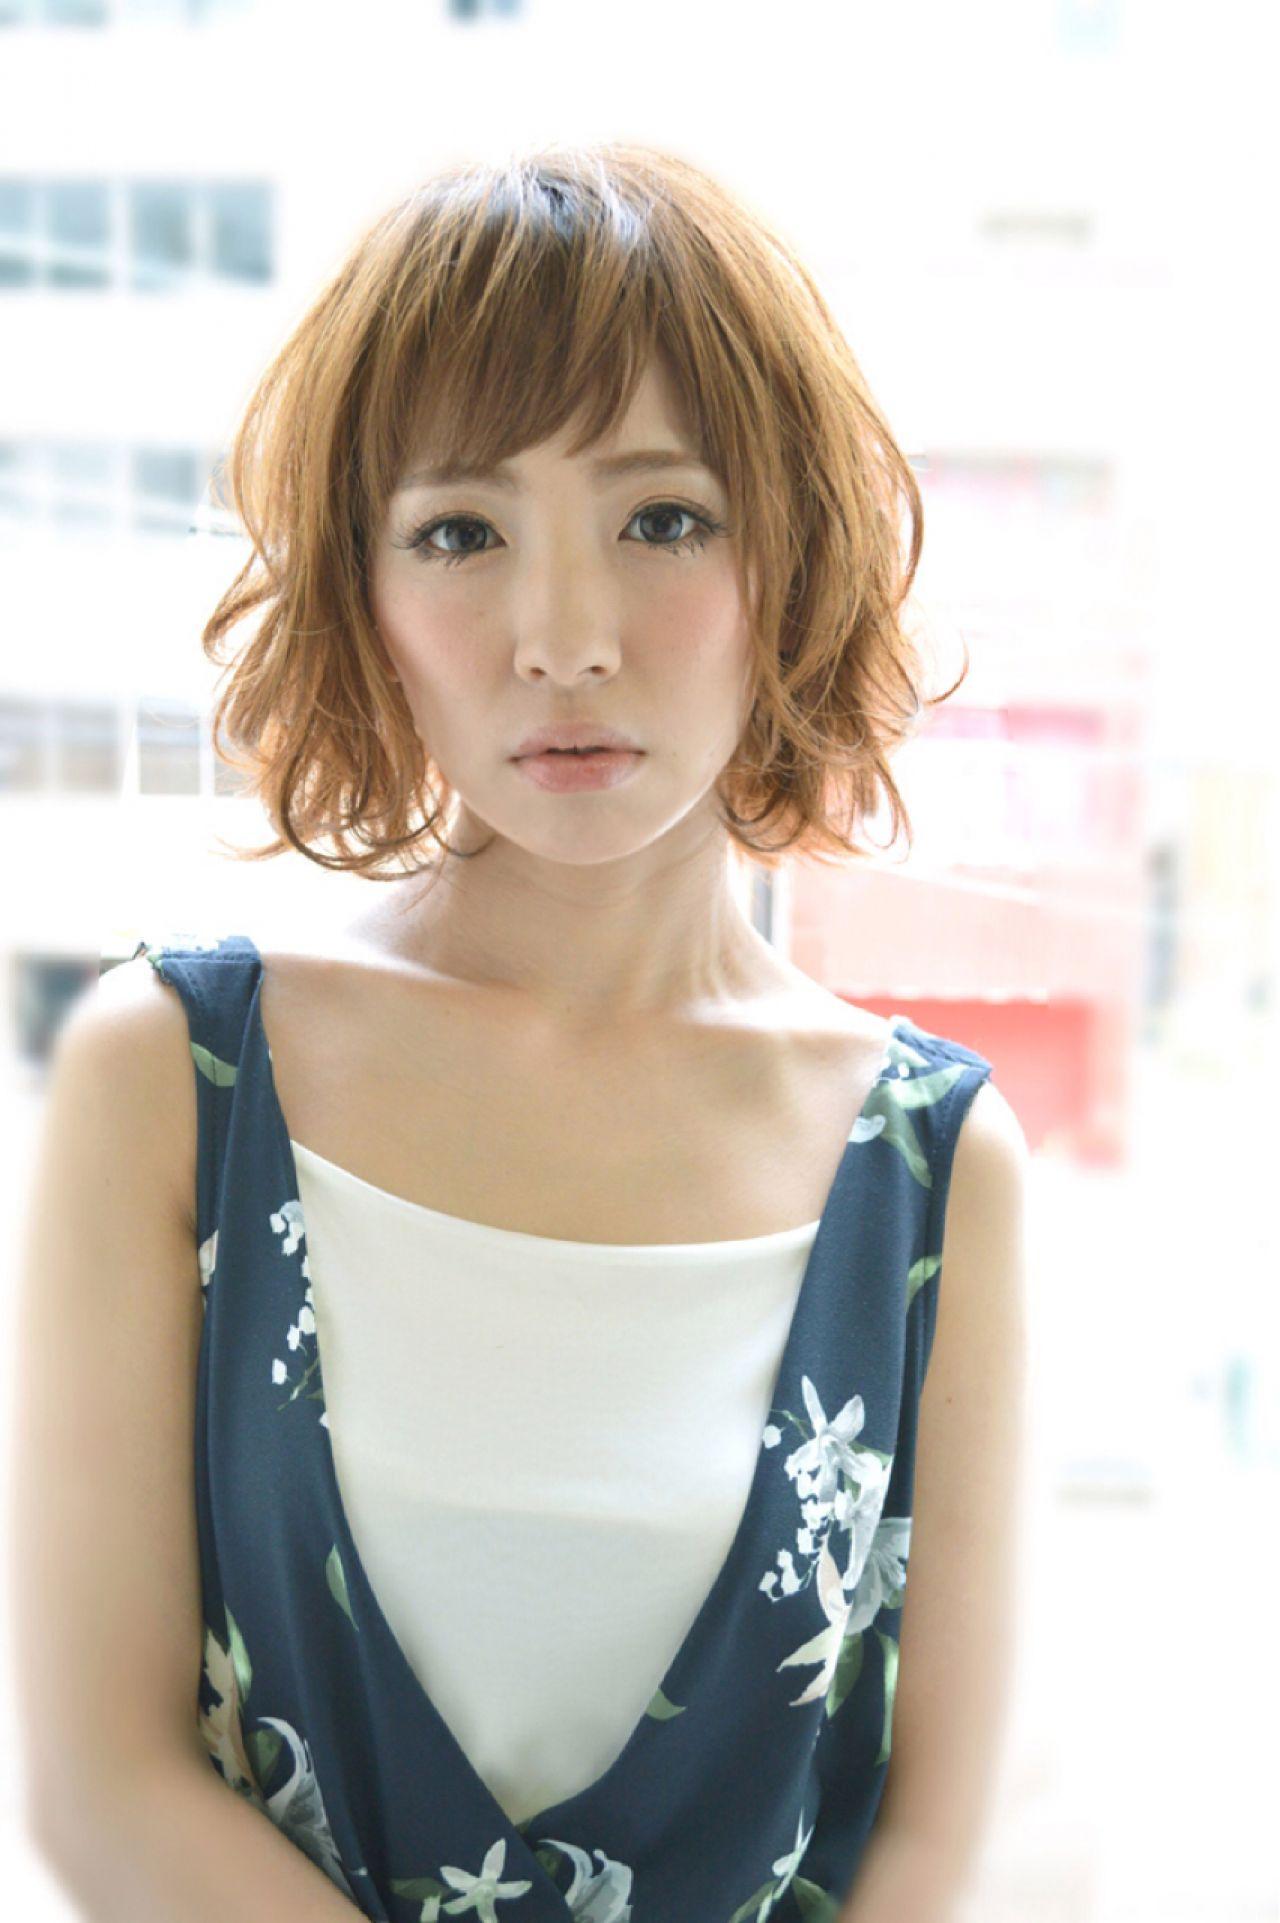 オン眉アシメなら手軽に明るい表情へ! 高山 慎也 | CARE shinsaibashi